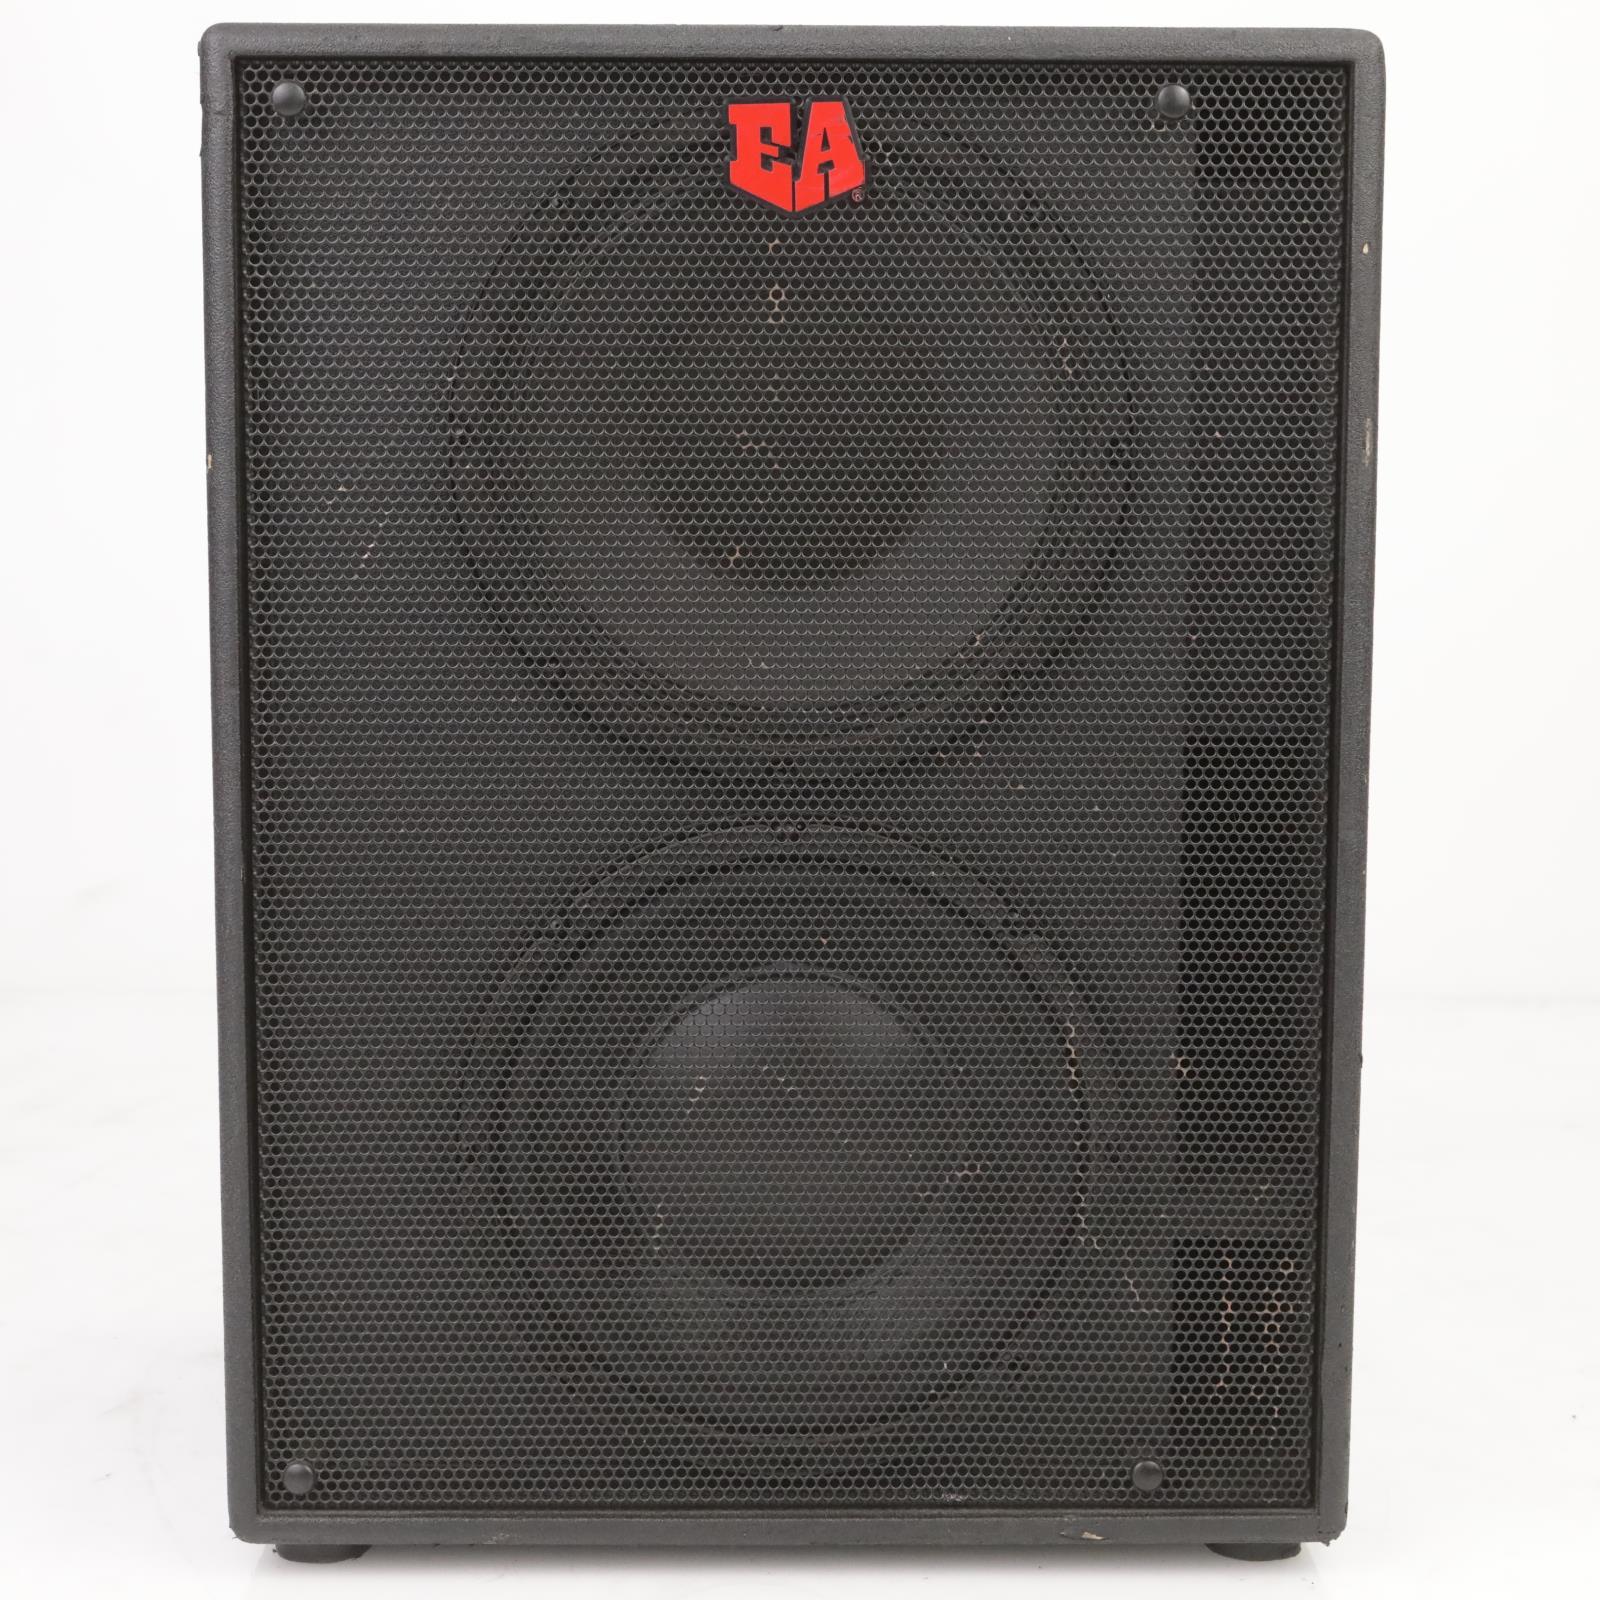 Euphonic Audio EA CxL 210E Speaker 8ohm Cabinet Signed By Leland Sklar #38784